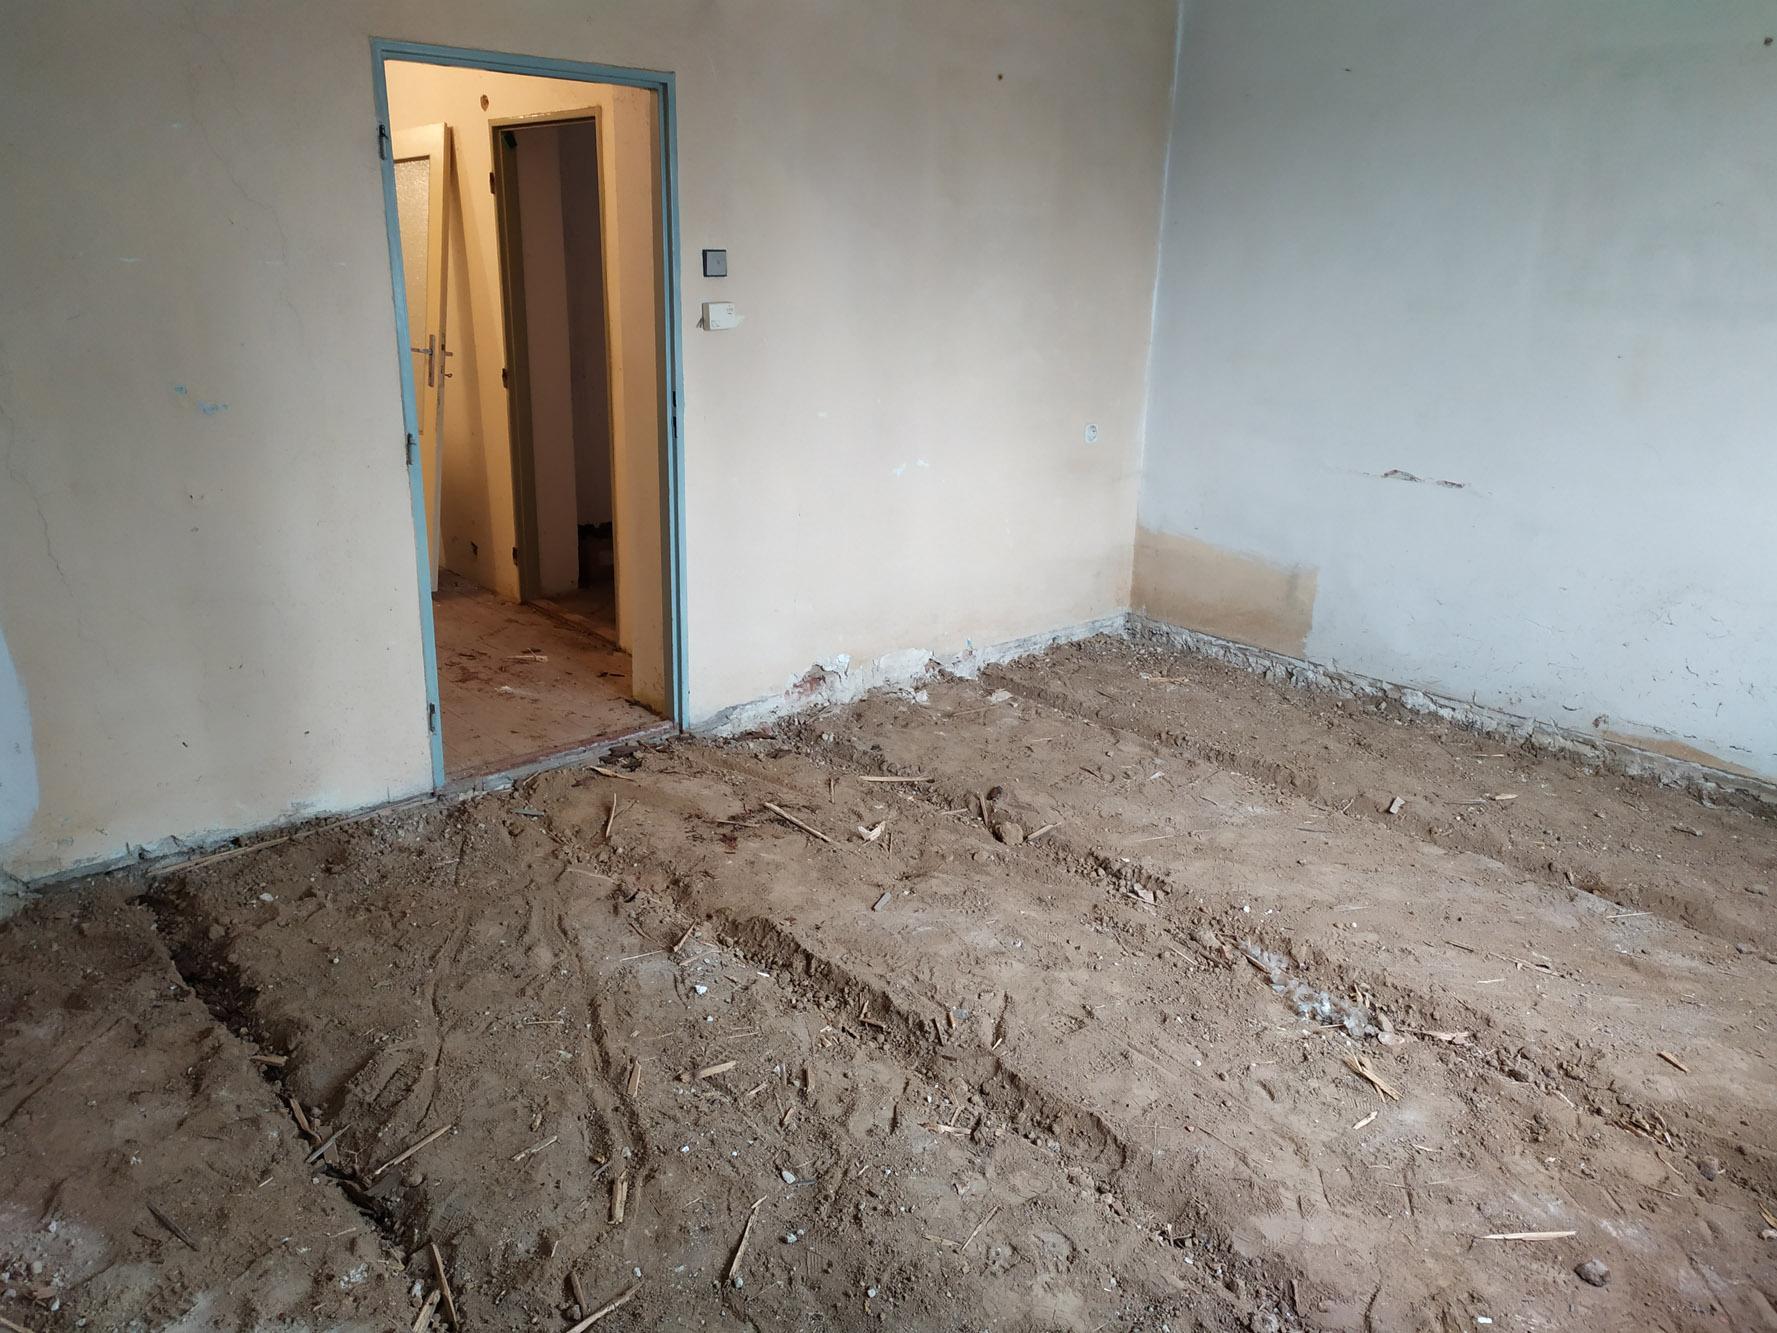 Bourání staré a stavba nové řadovky - Vytrhávání podlah